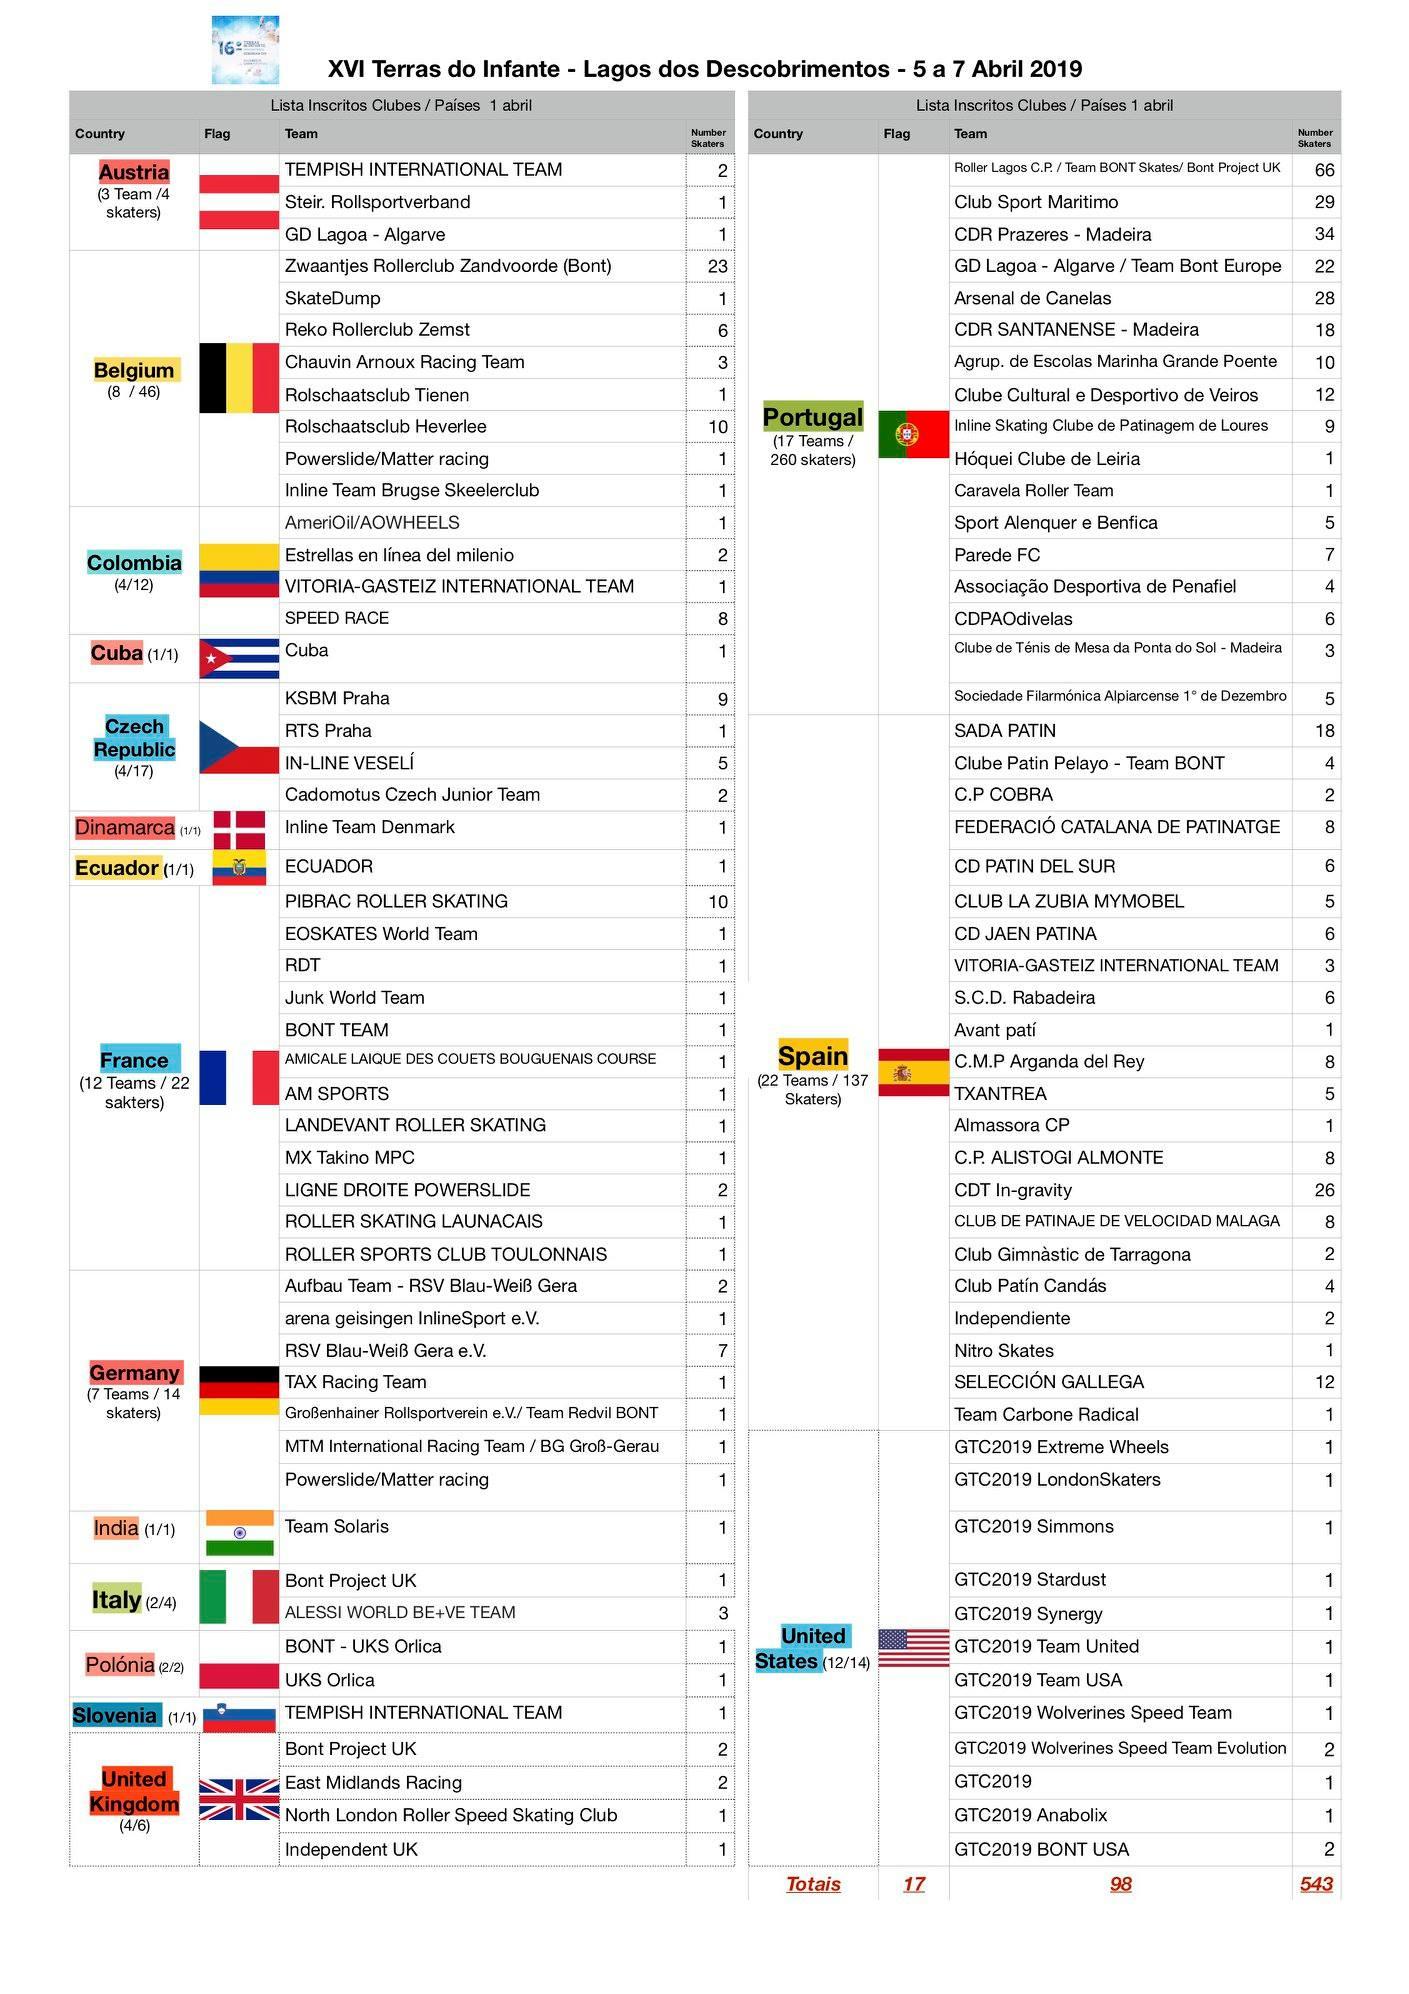 17 paises presentes na xvi edição do terras do infante 17 Paises presentes na XVI Edição do Terras do Infante 55842811 1080535658798337 5851916378436534272 o